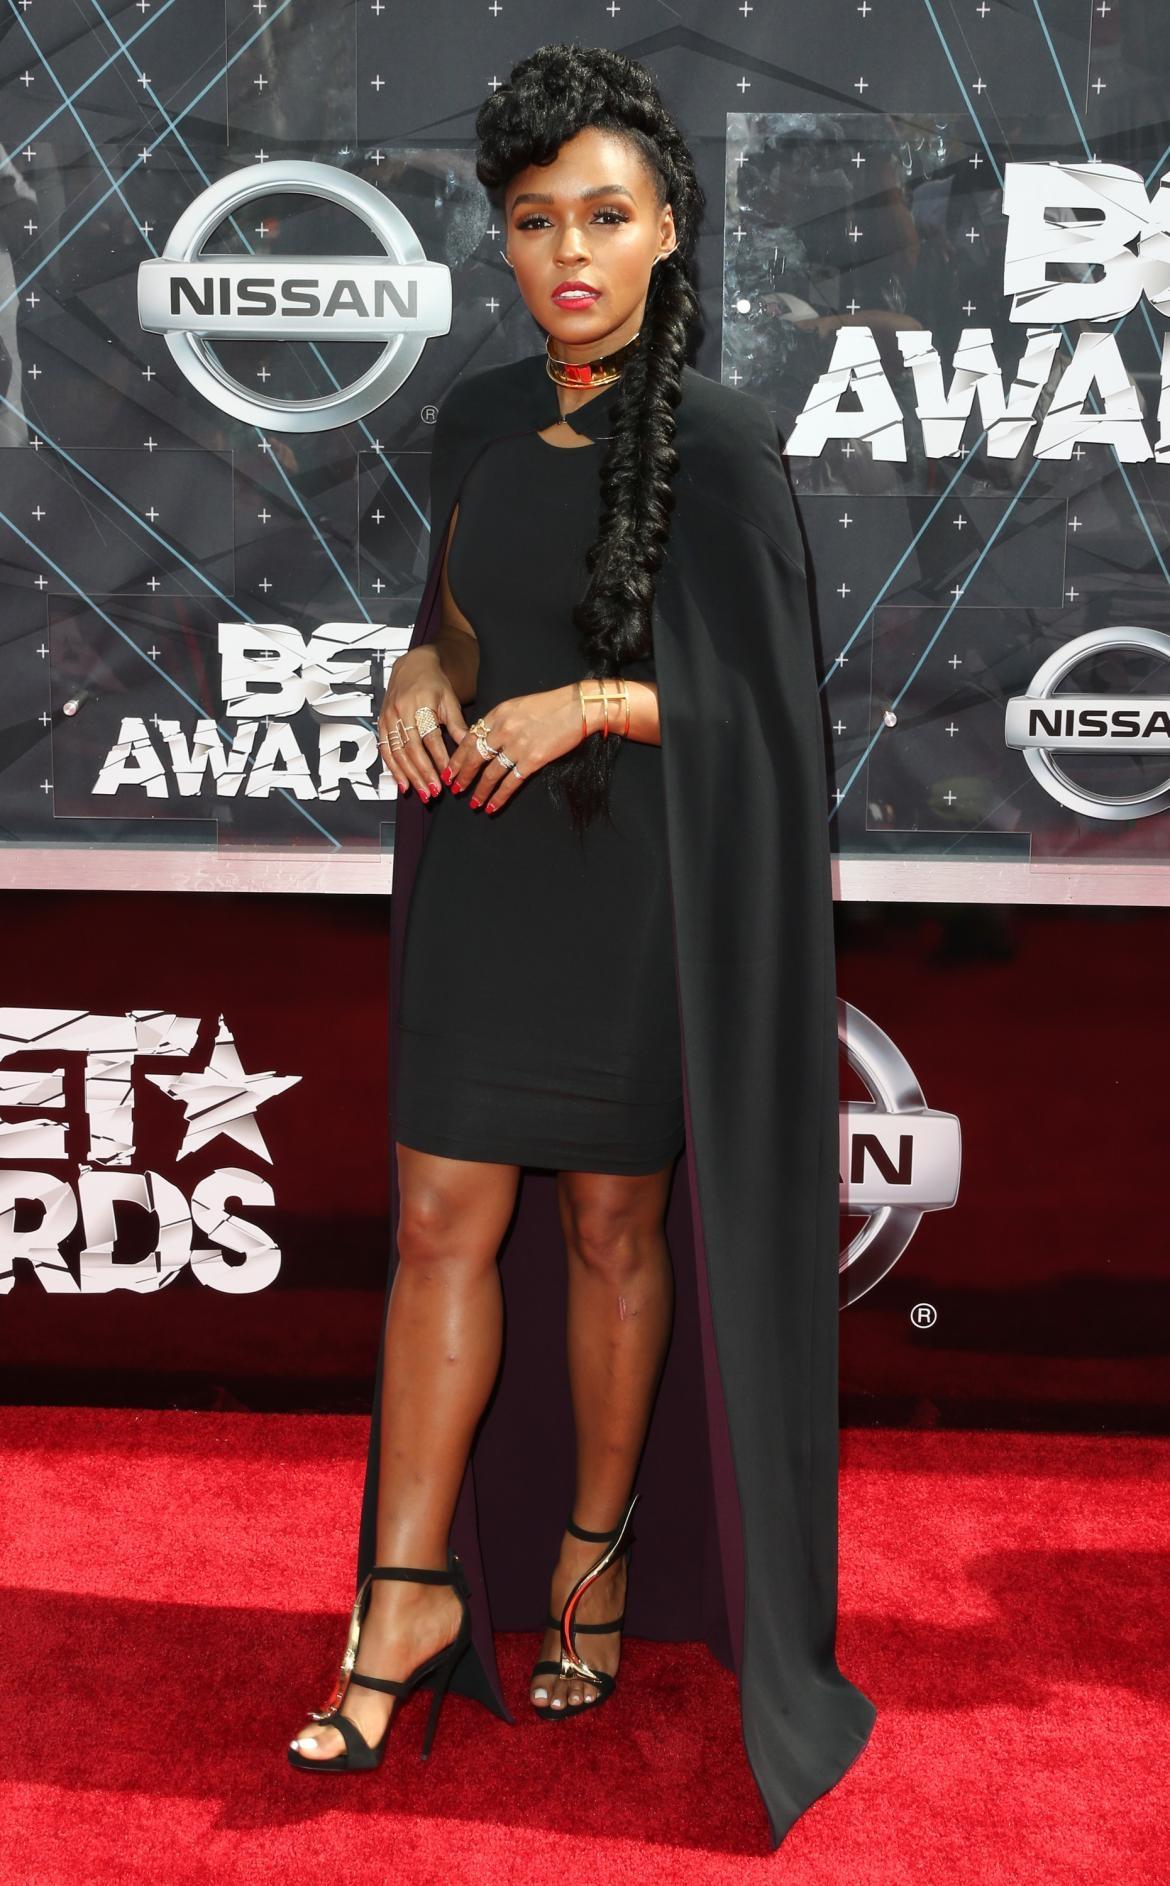 Thời trang thảm đỏ BET Awards 2015